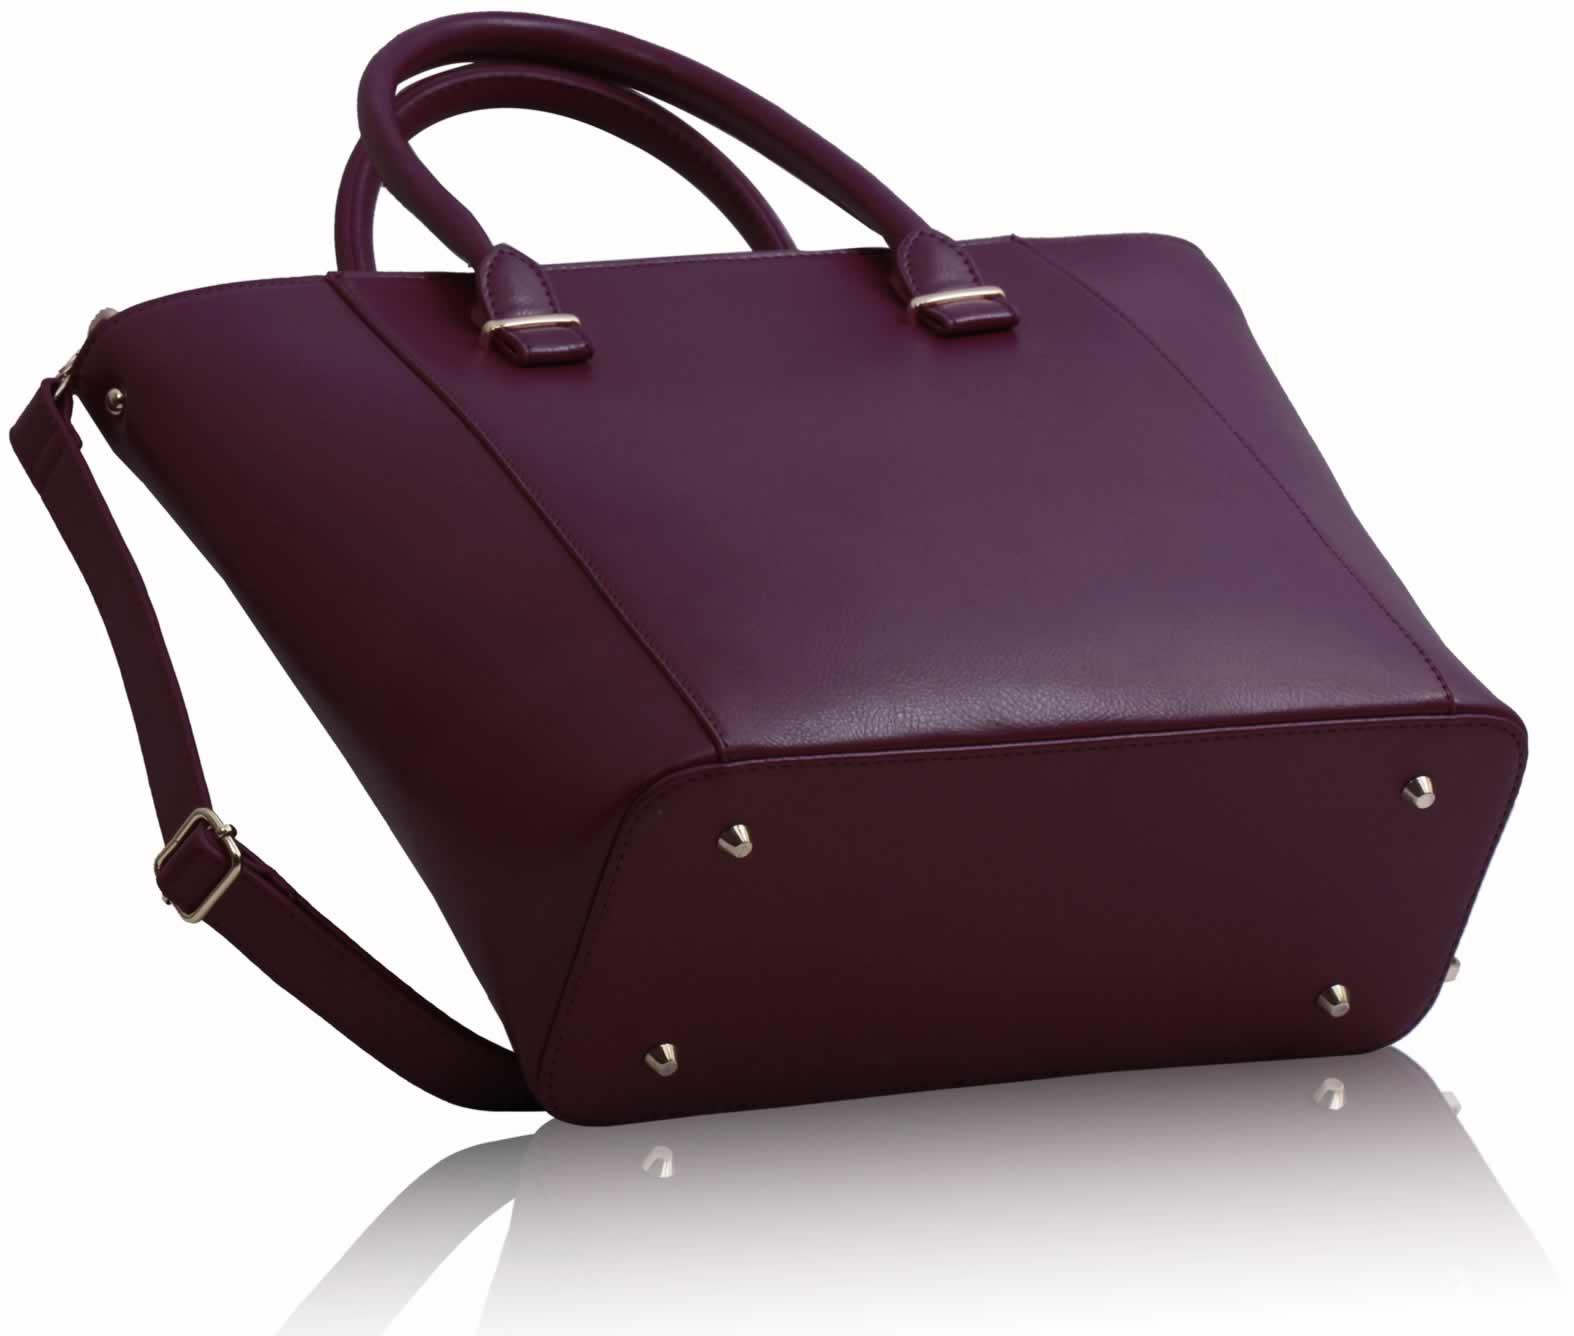 Wholesale Luxury Burgundy Tote Bag